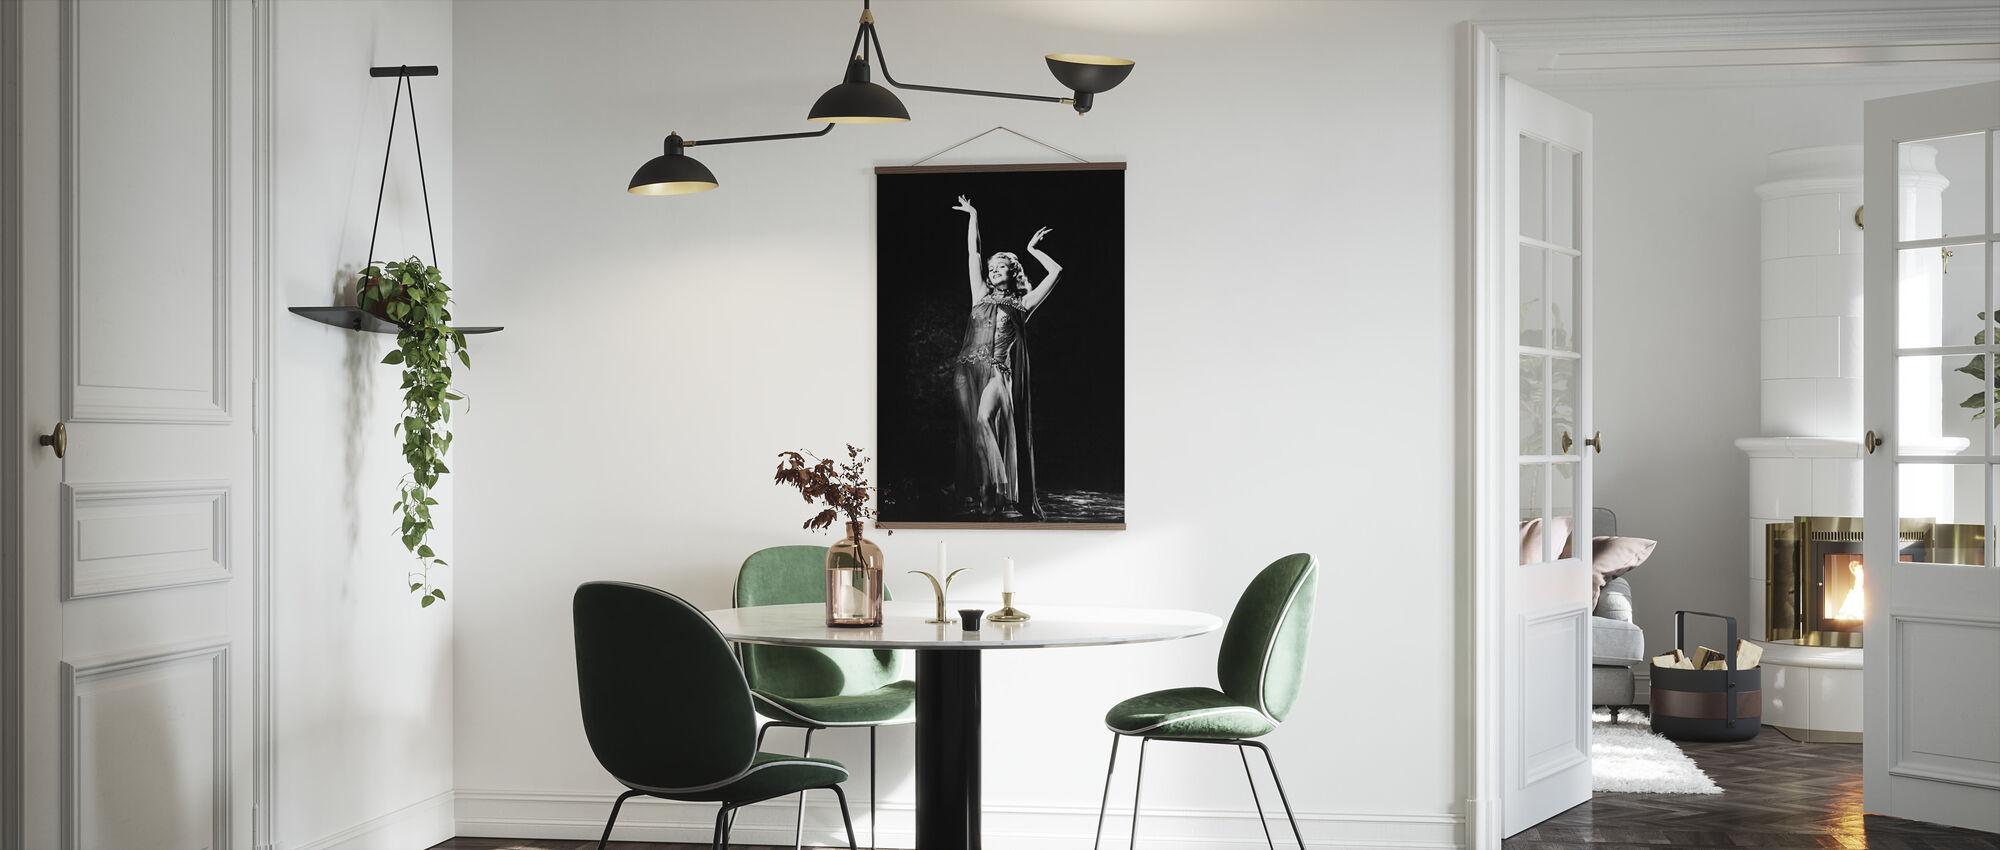 Rita Hayworth Salomessa Seitsemän huntun tanssi - Juliste - Keittiö